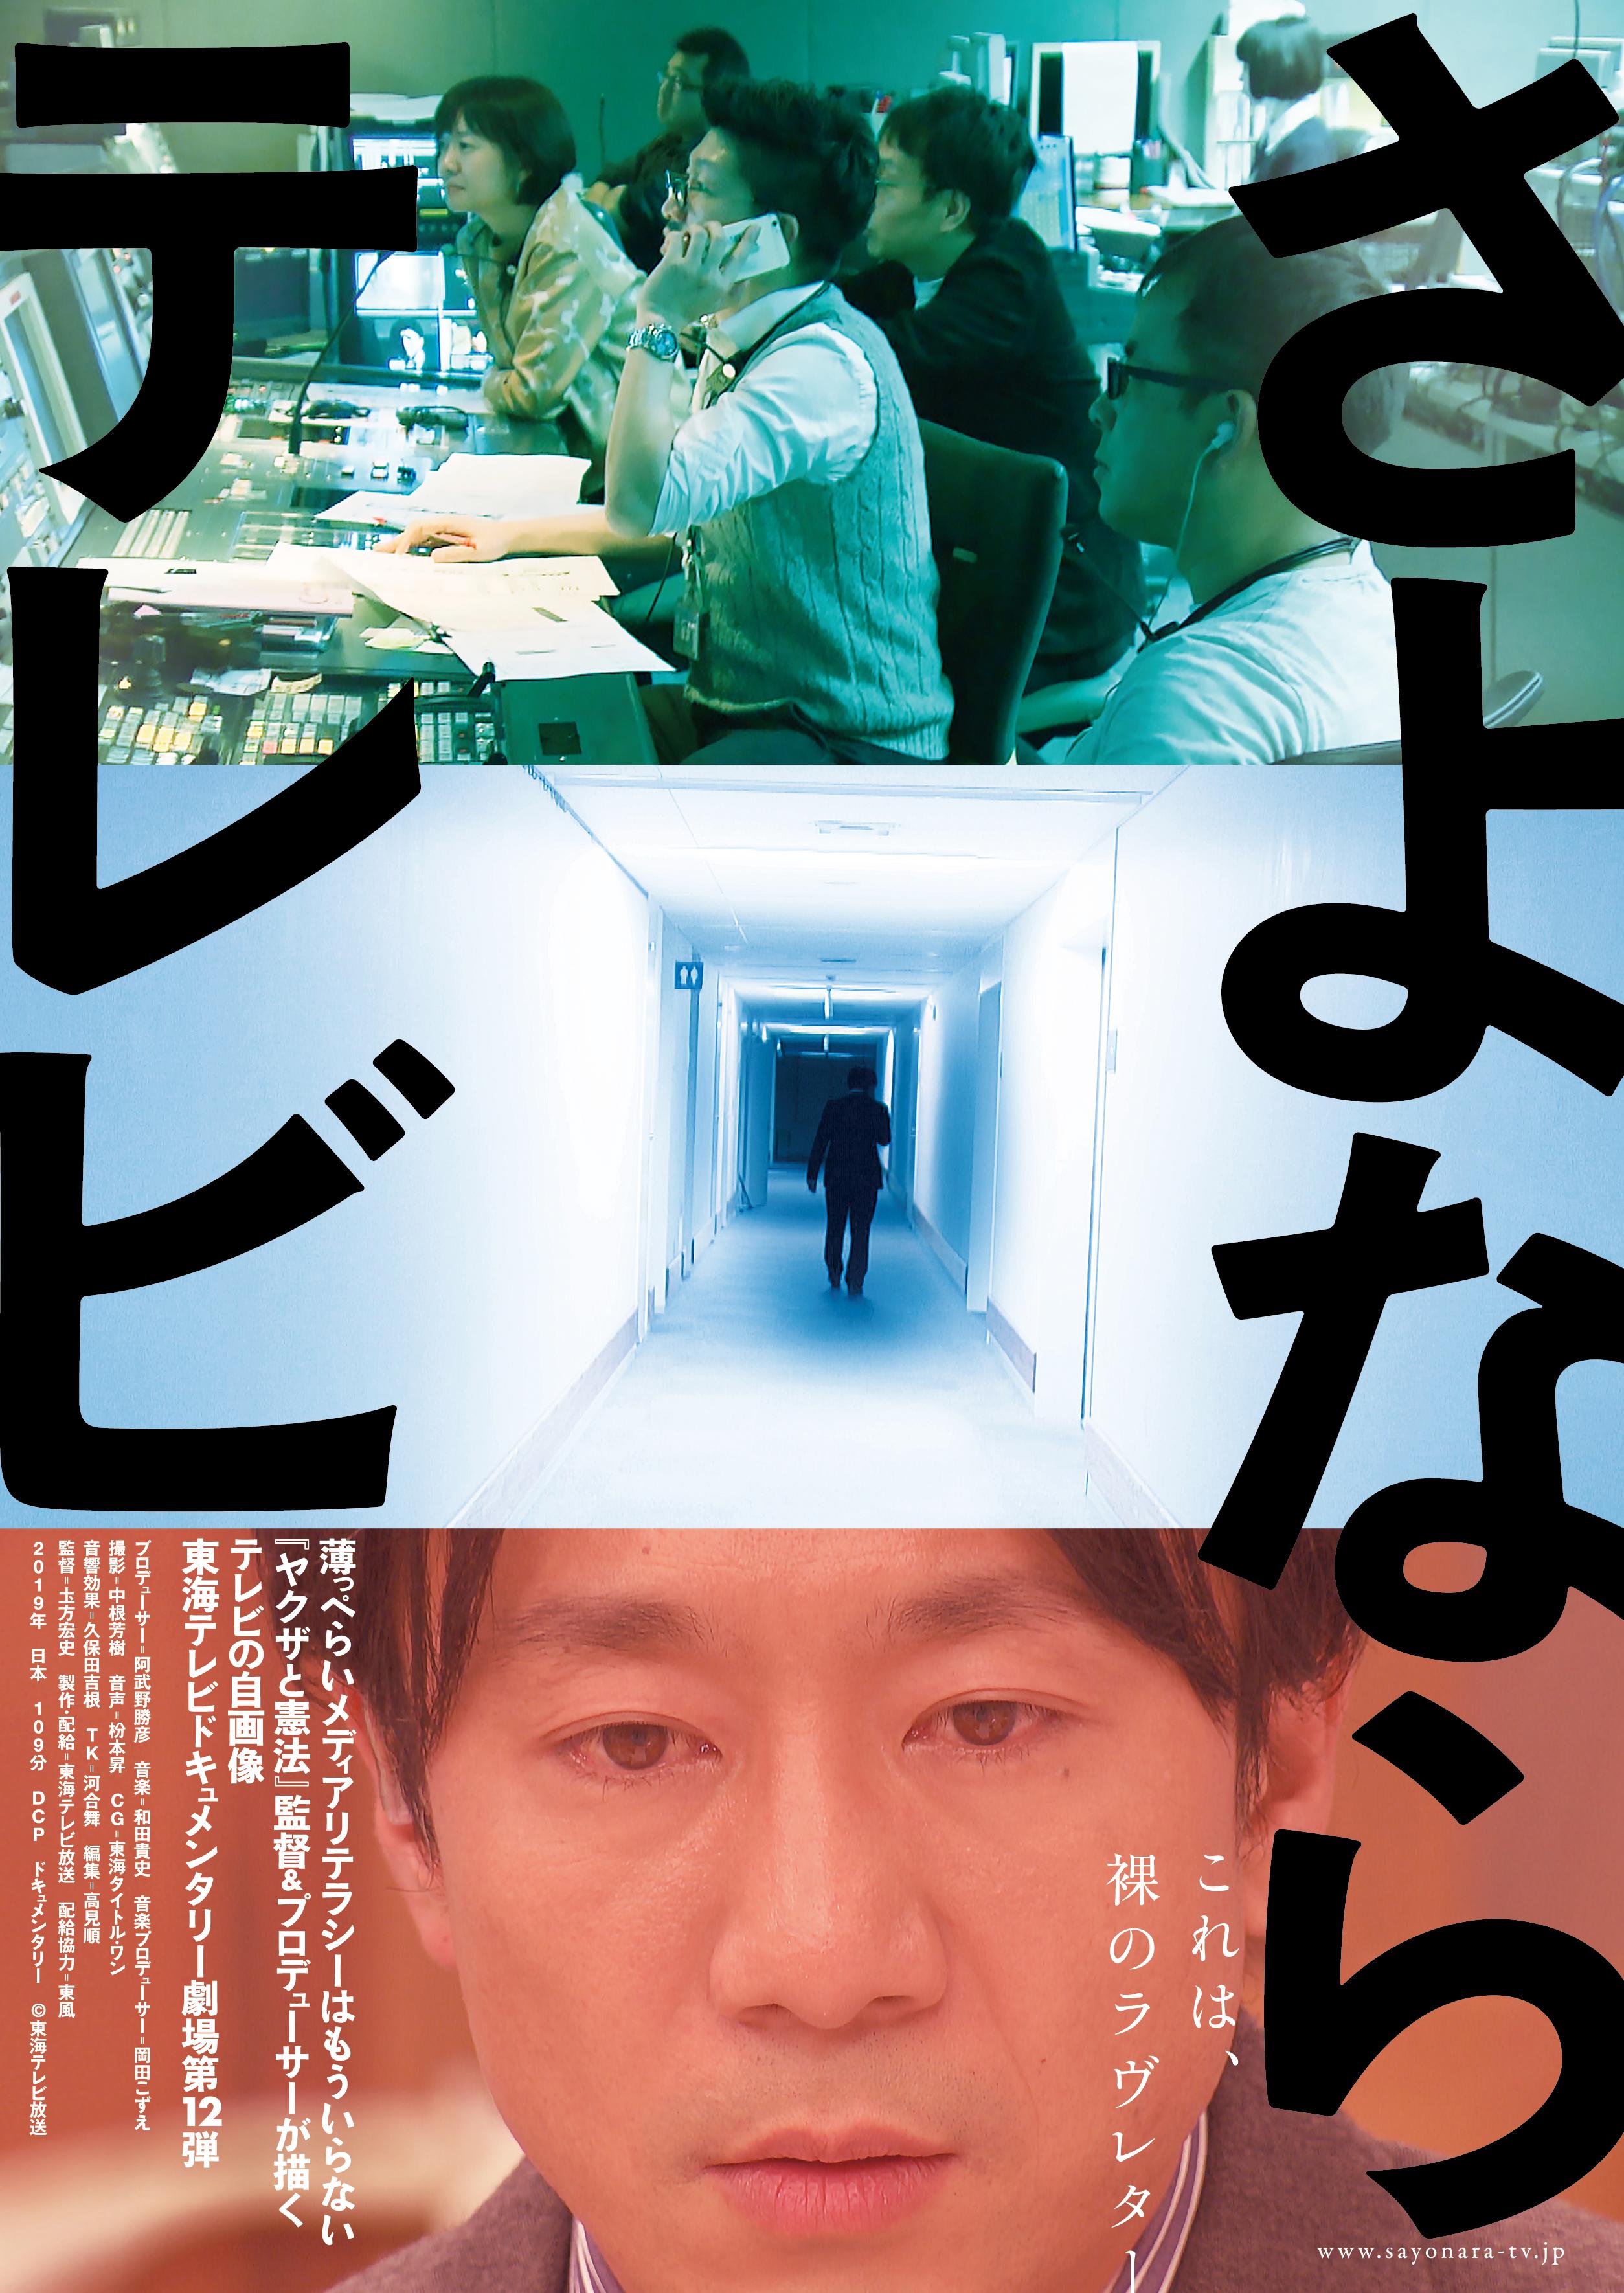 ドキュメンタリー映画『さよならテレビ』場面写真